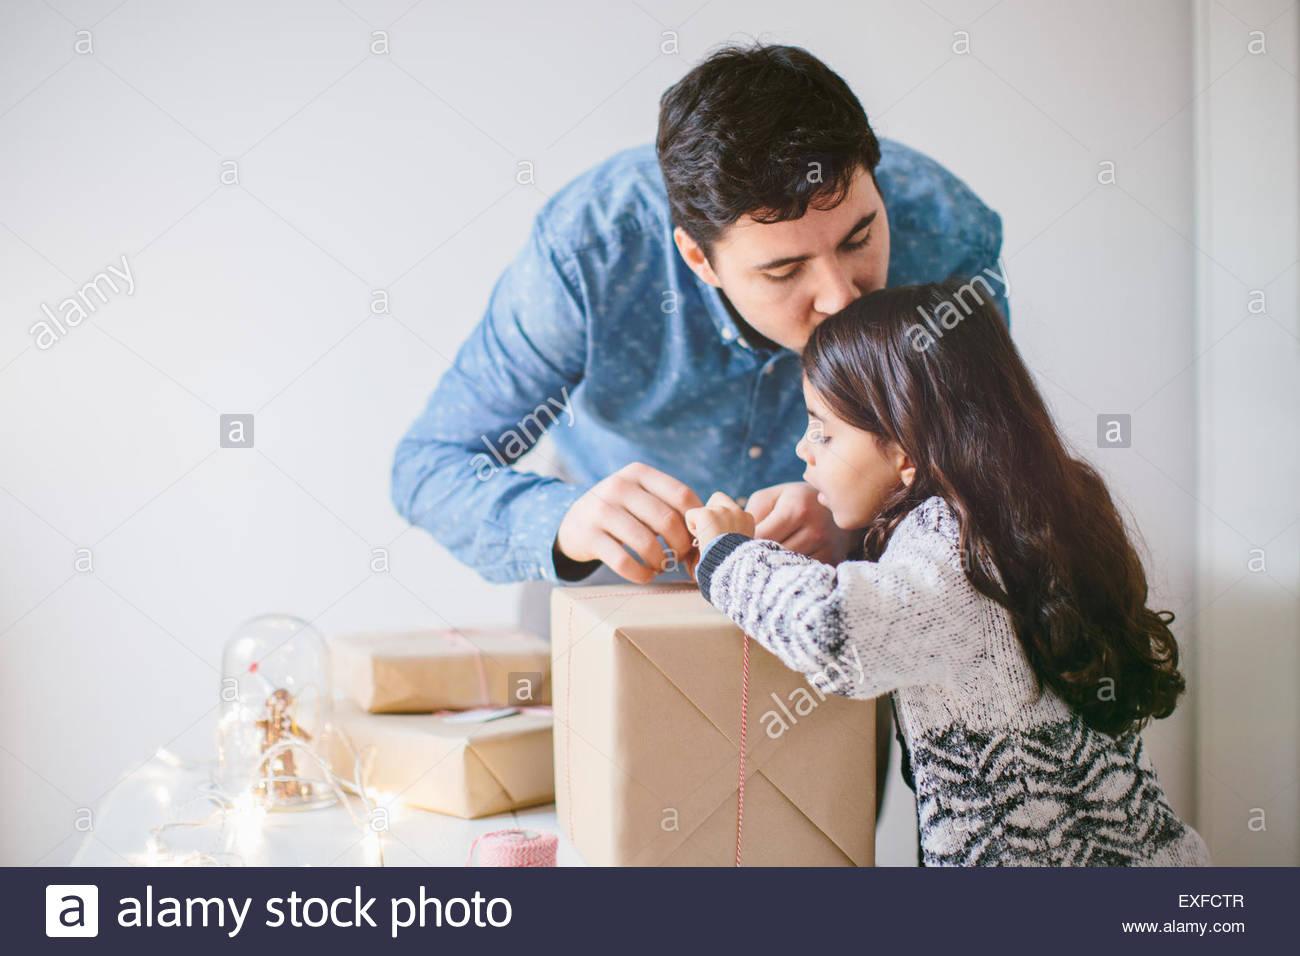 Vater und Tochter Weihnachtsgeschenke verpacken Stockfoto, Bild ...